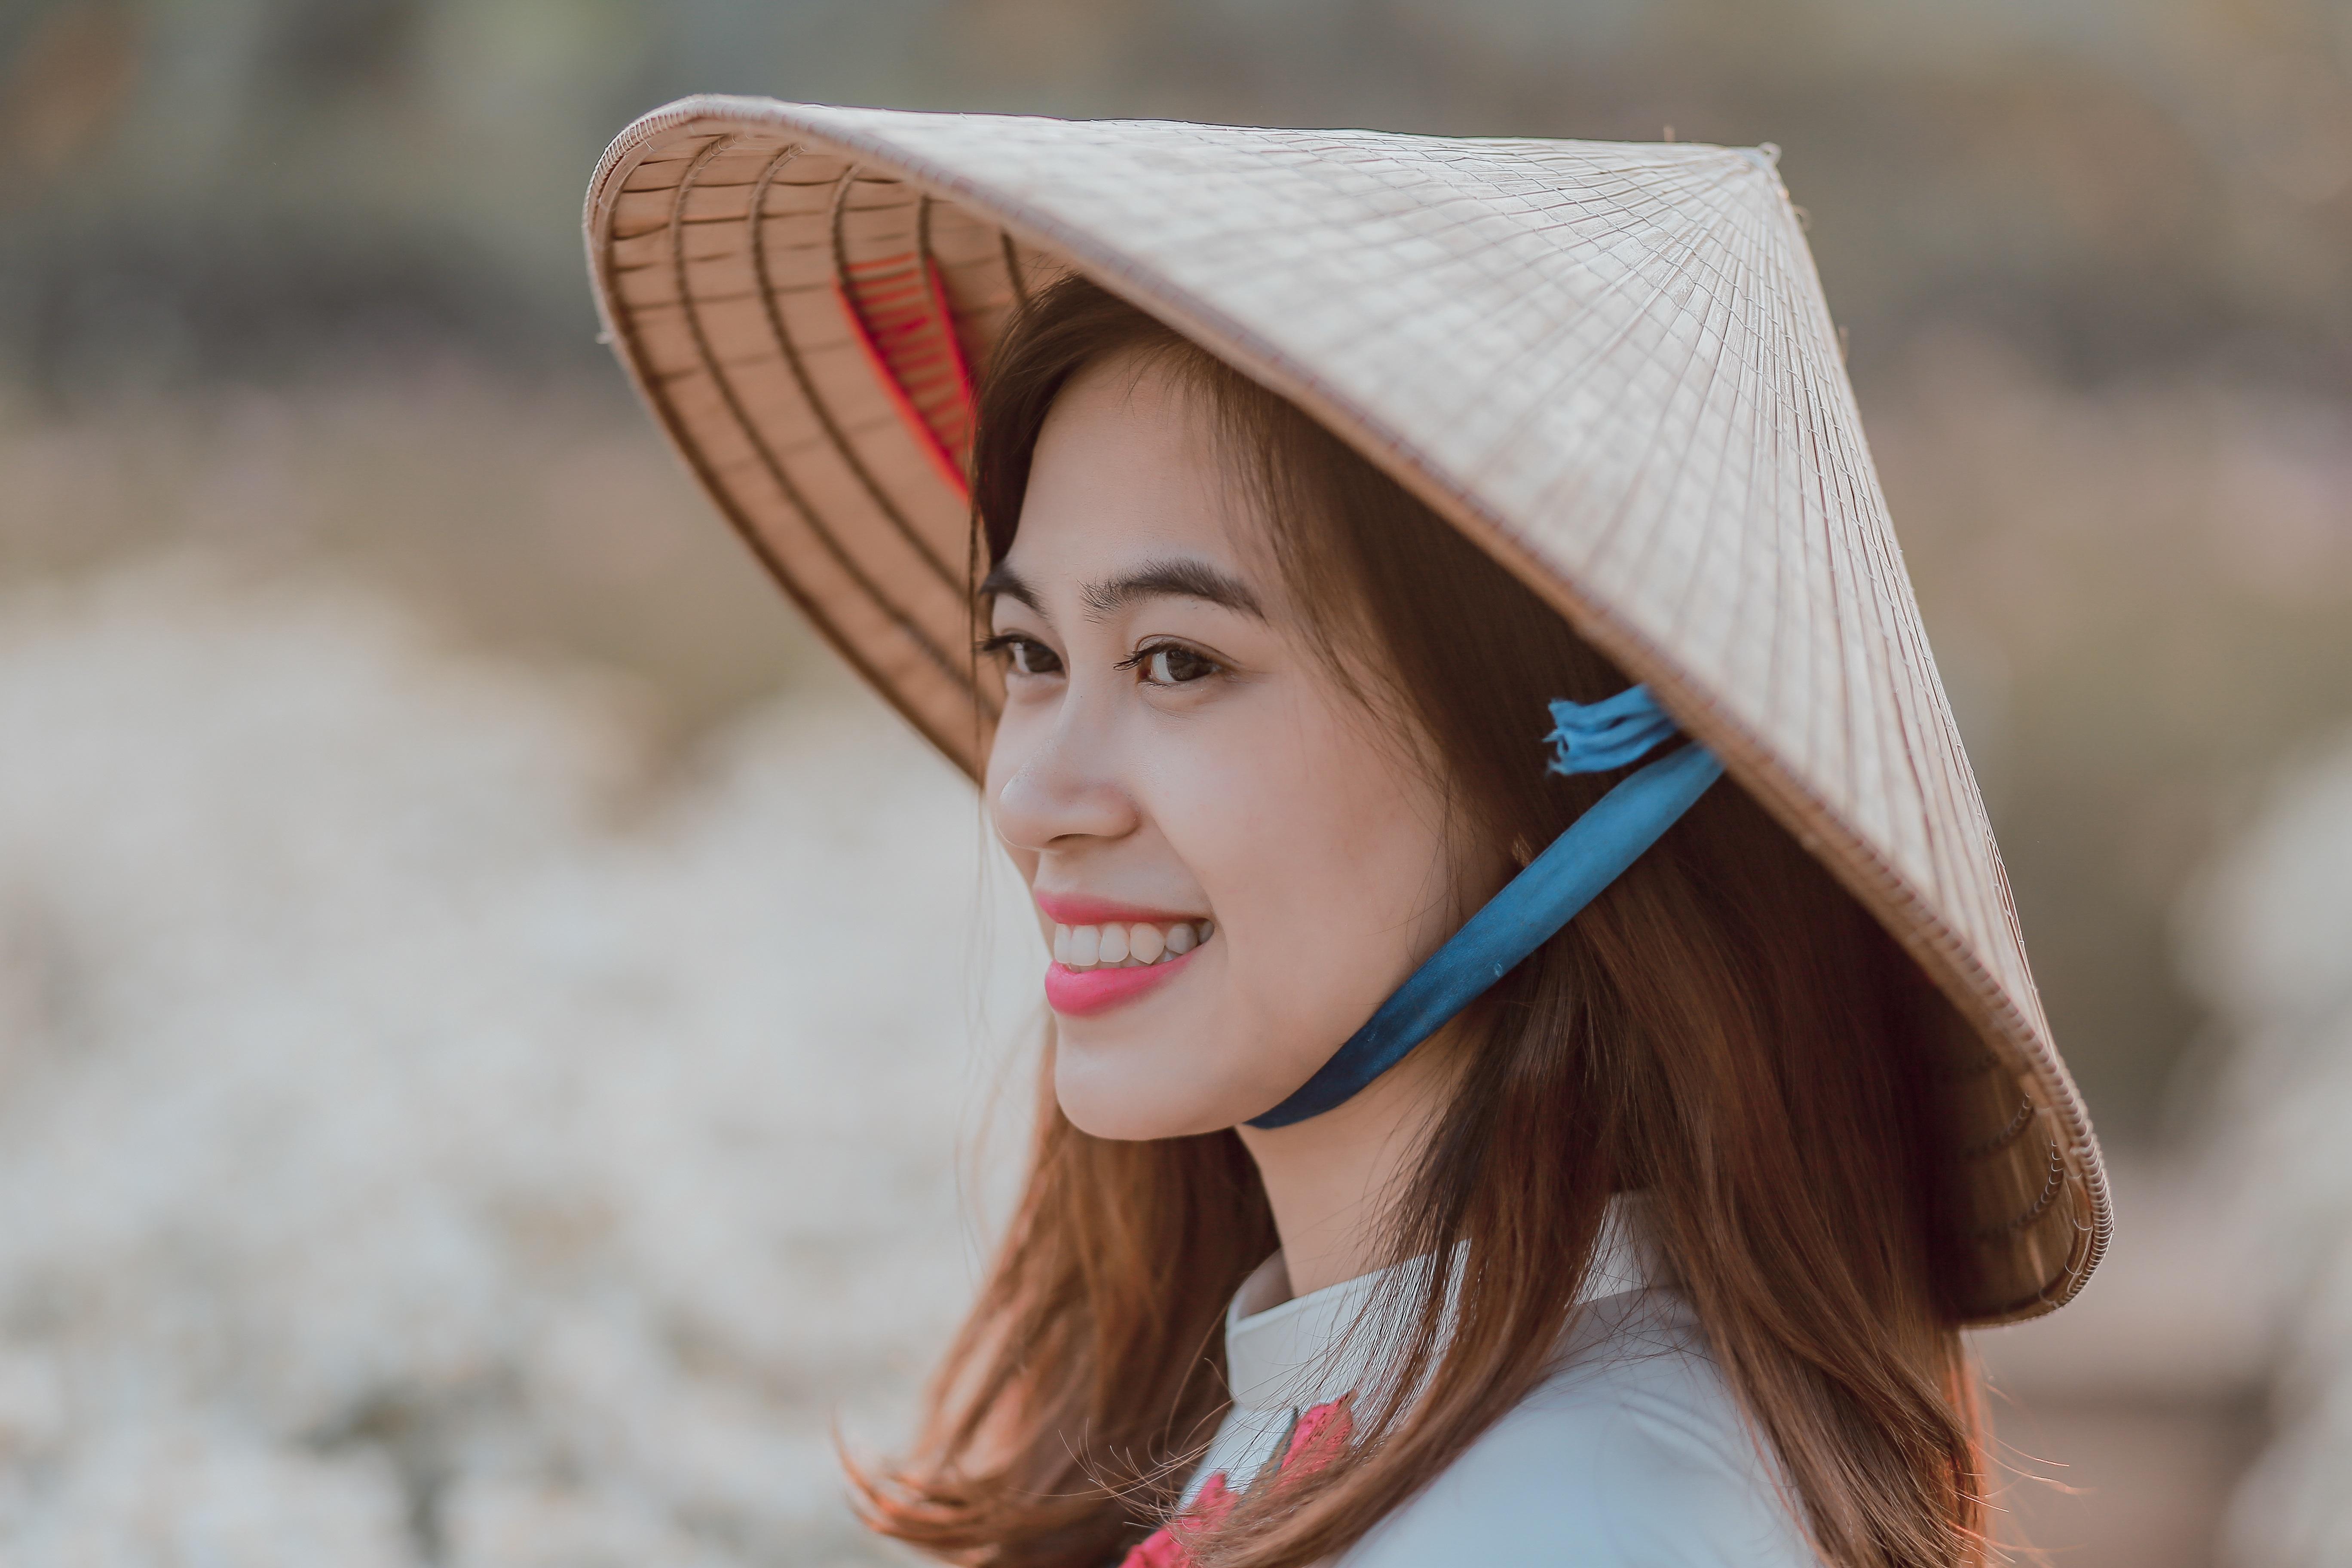 вьетнамская шляпа фото